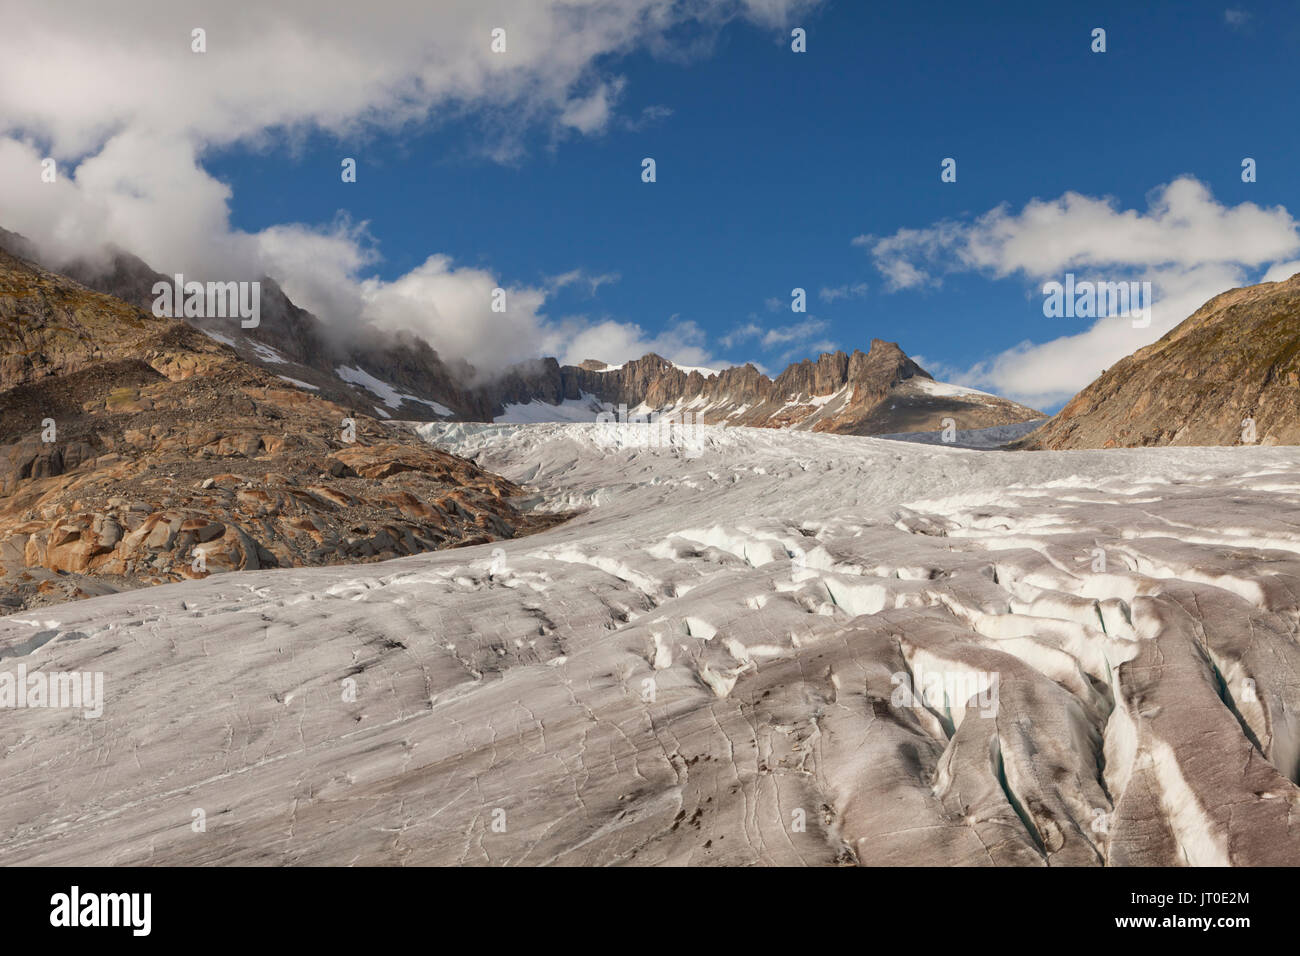 Le glacier du Rhône dans les Alpes Euoprean de Suisse. Photo Stock